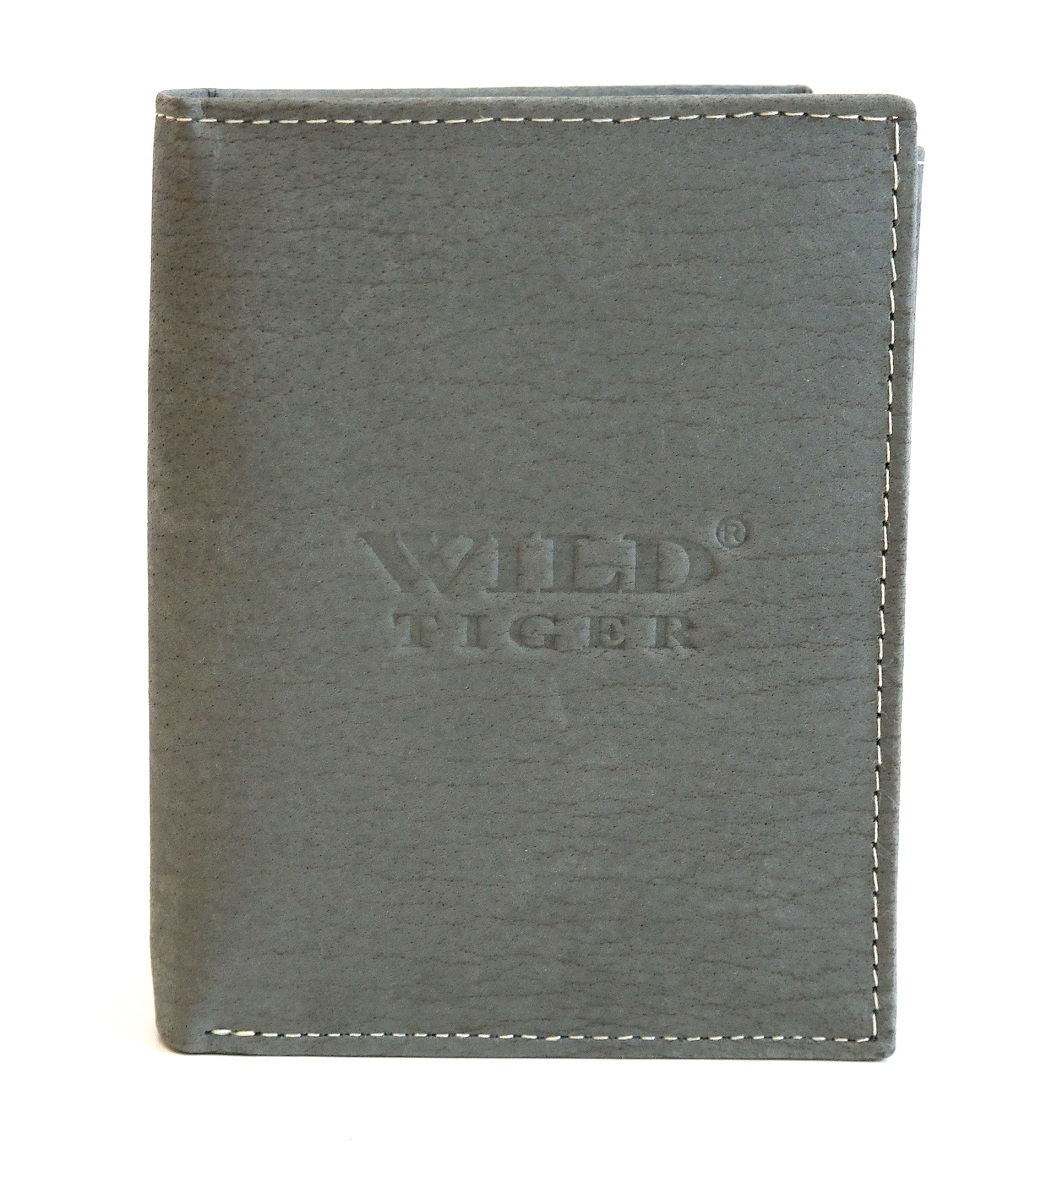 Šedá pánská kožená peněženka Wild Tiger (AM-28-123) na výšku